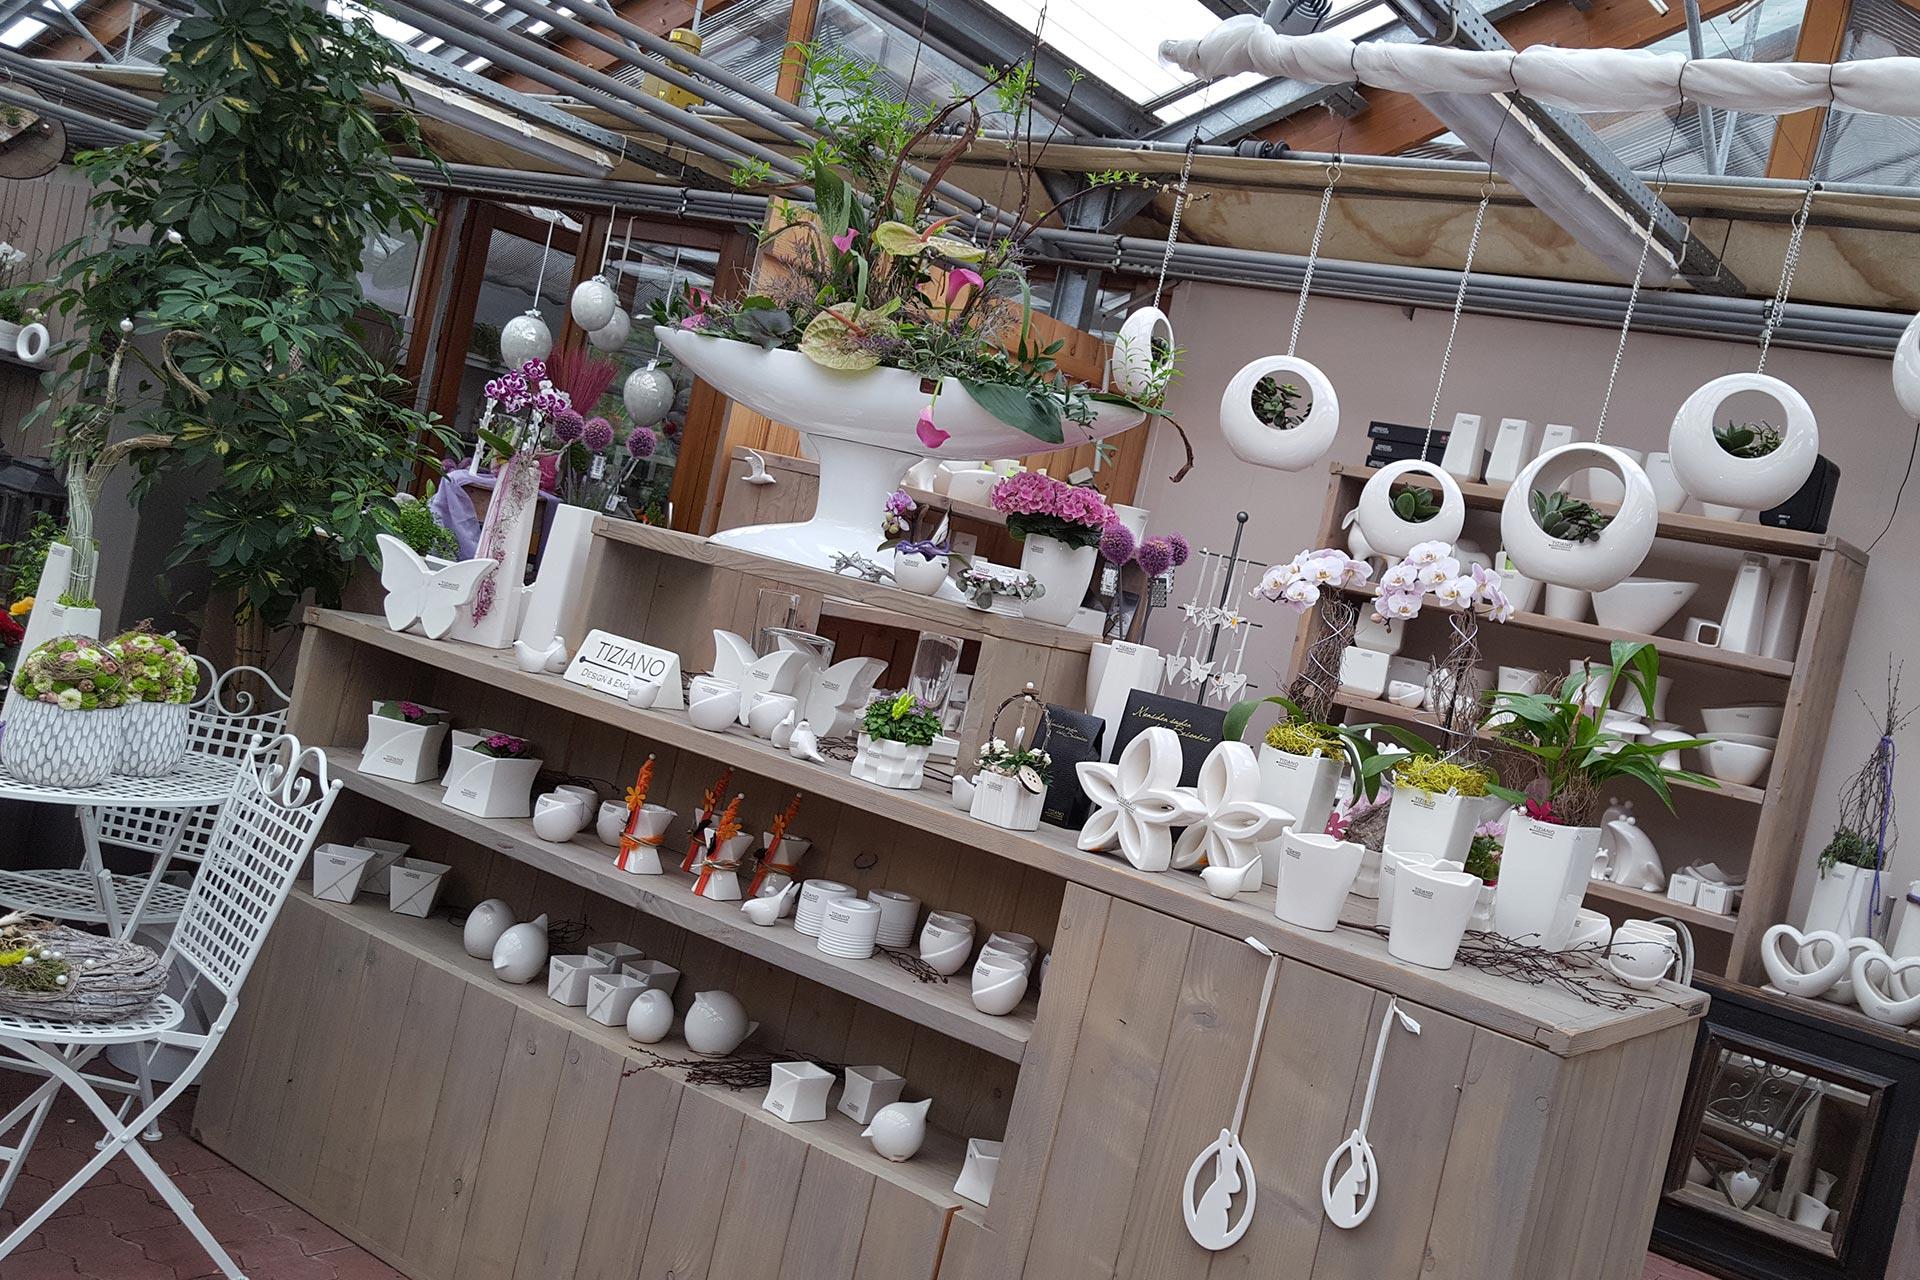 15 - Das Blumen- & Gartencenter Longuich